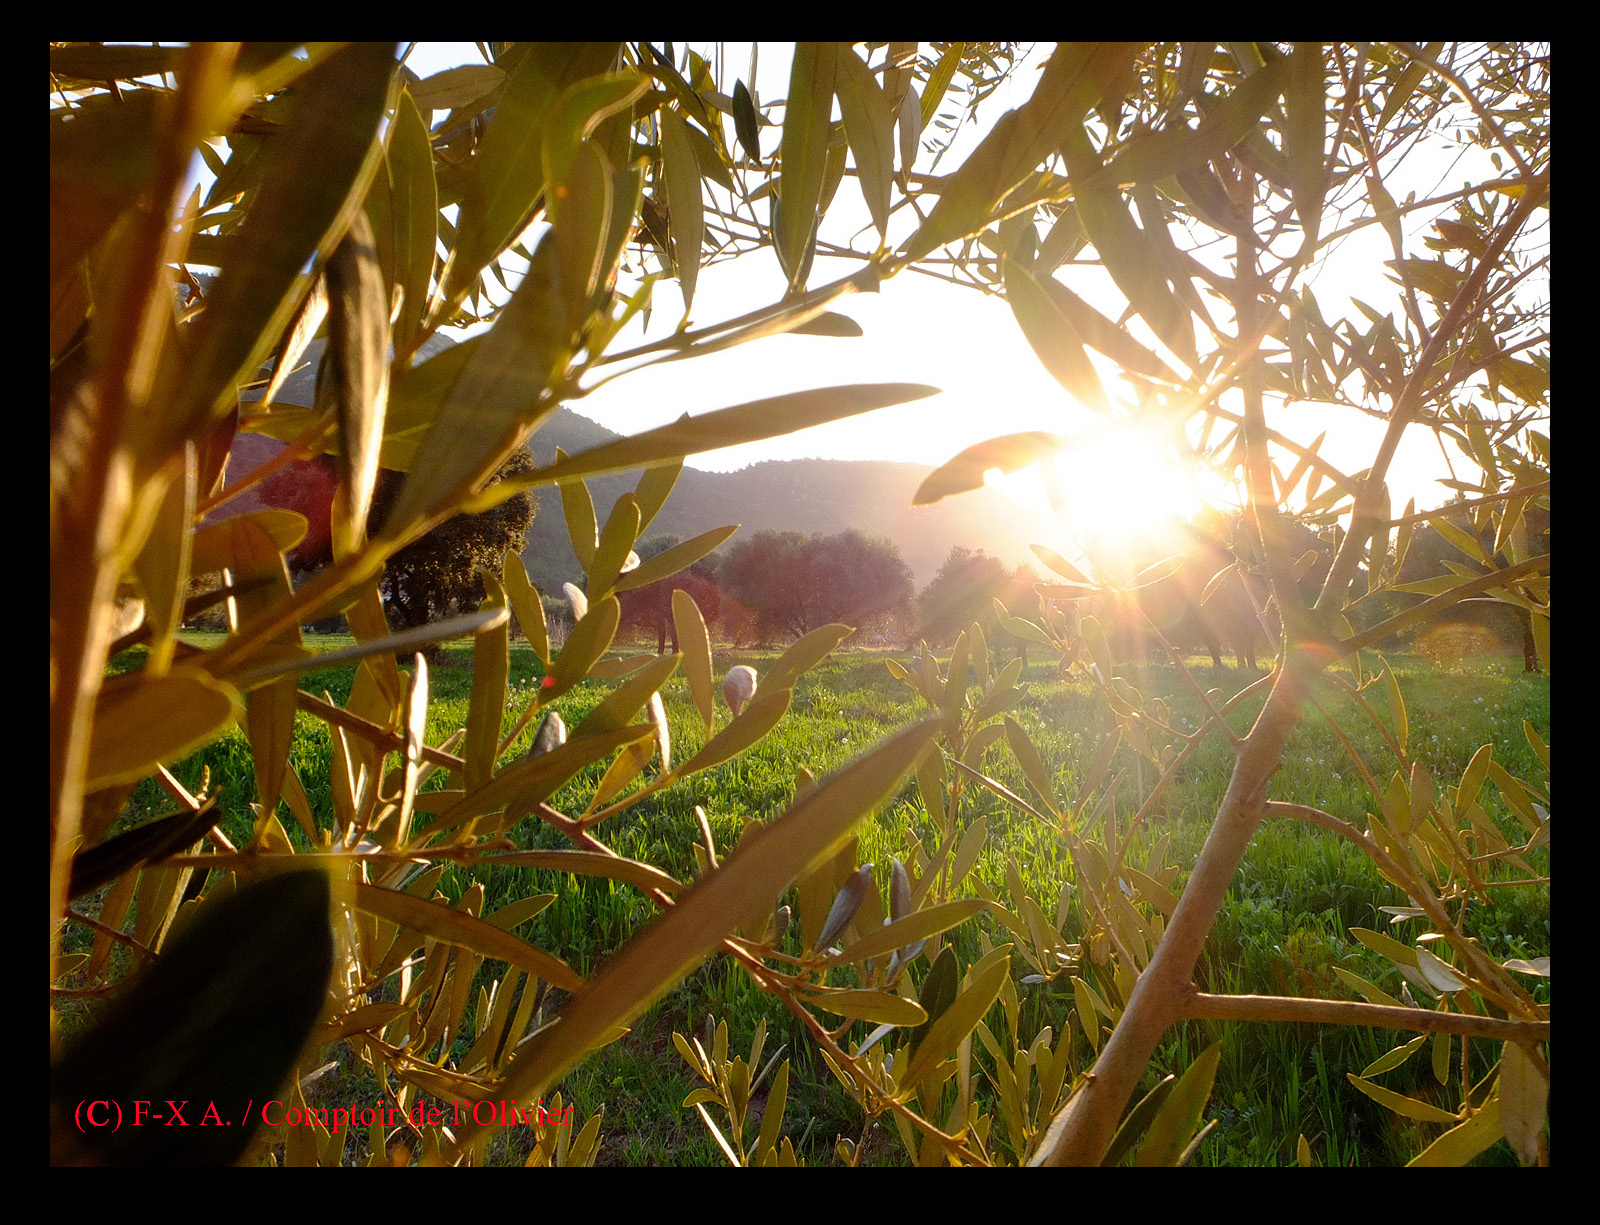 photo du soleil qui se couche à travers les rameaux d'olivier de l'oliveraie de Gémenos de Comptoir de l'Olivier.